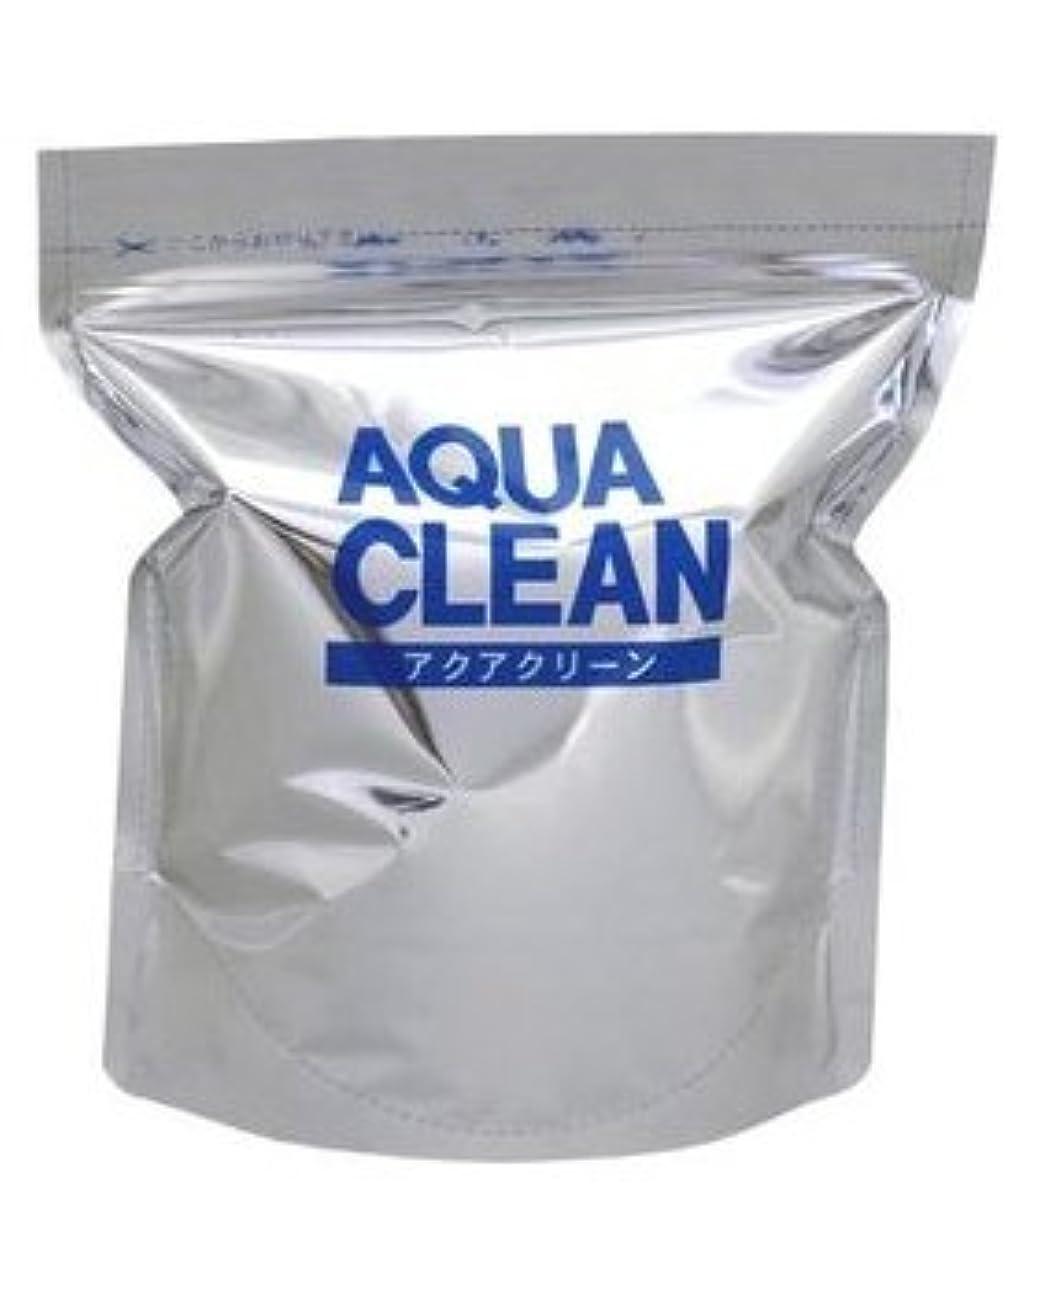 僕のベーリング海峡世界記録のギネスブック強酸性電解水入り ウェットティッシュ アクアクリーン 詰替え用 30枚入り